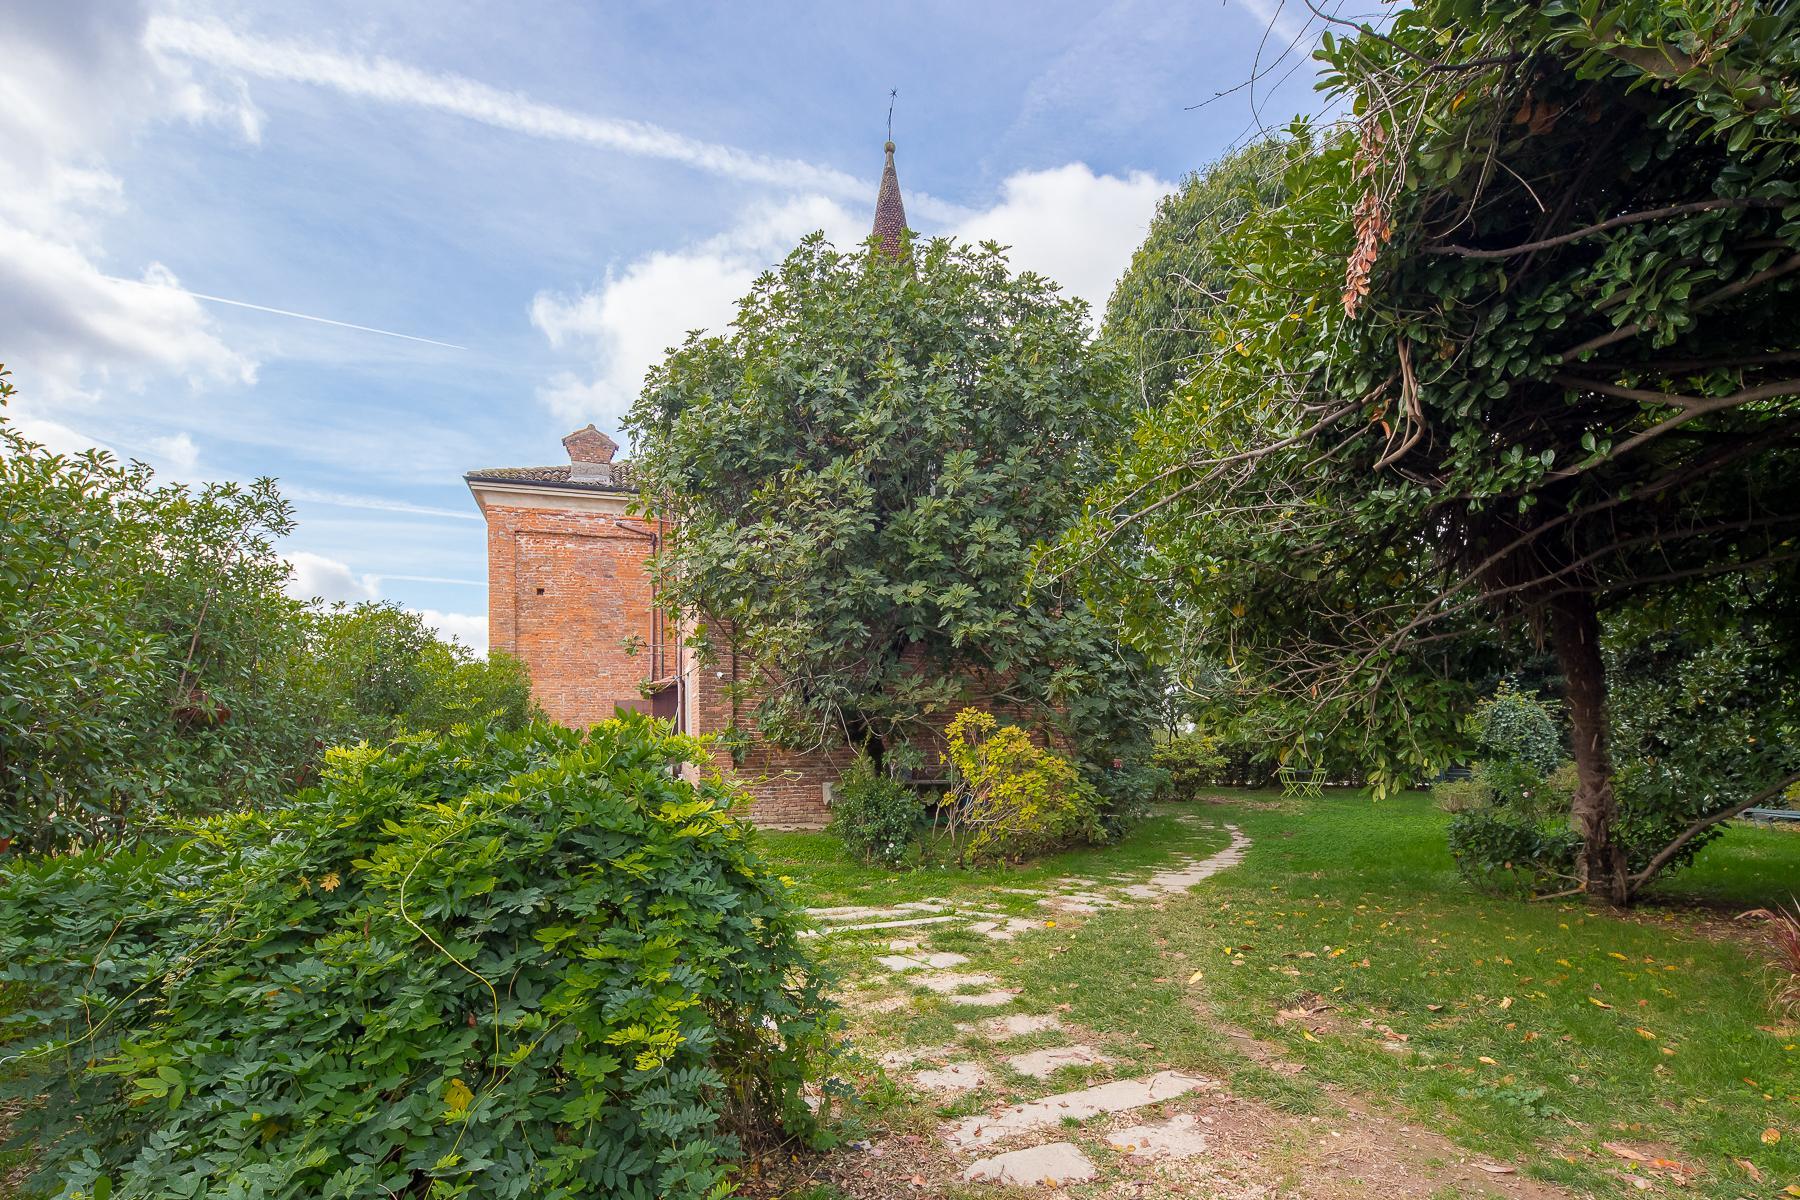 Storica chiesa sconsacrata, adibita ad abitazione, con giardino - 31